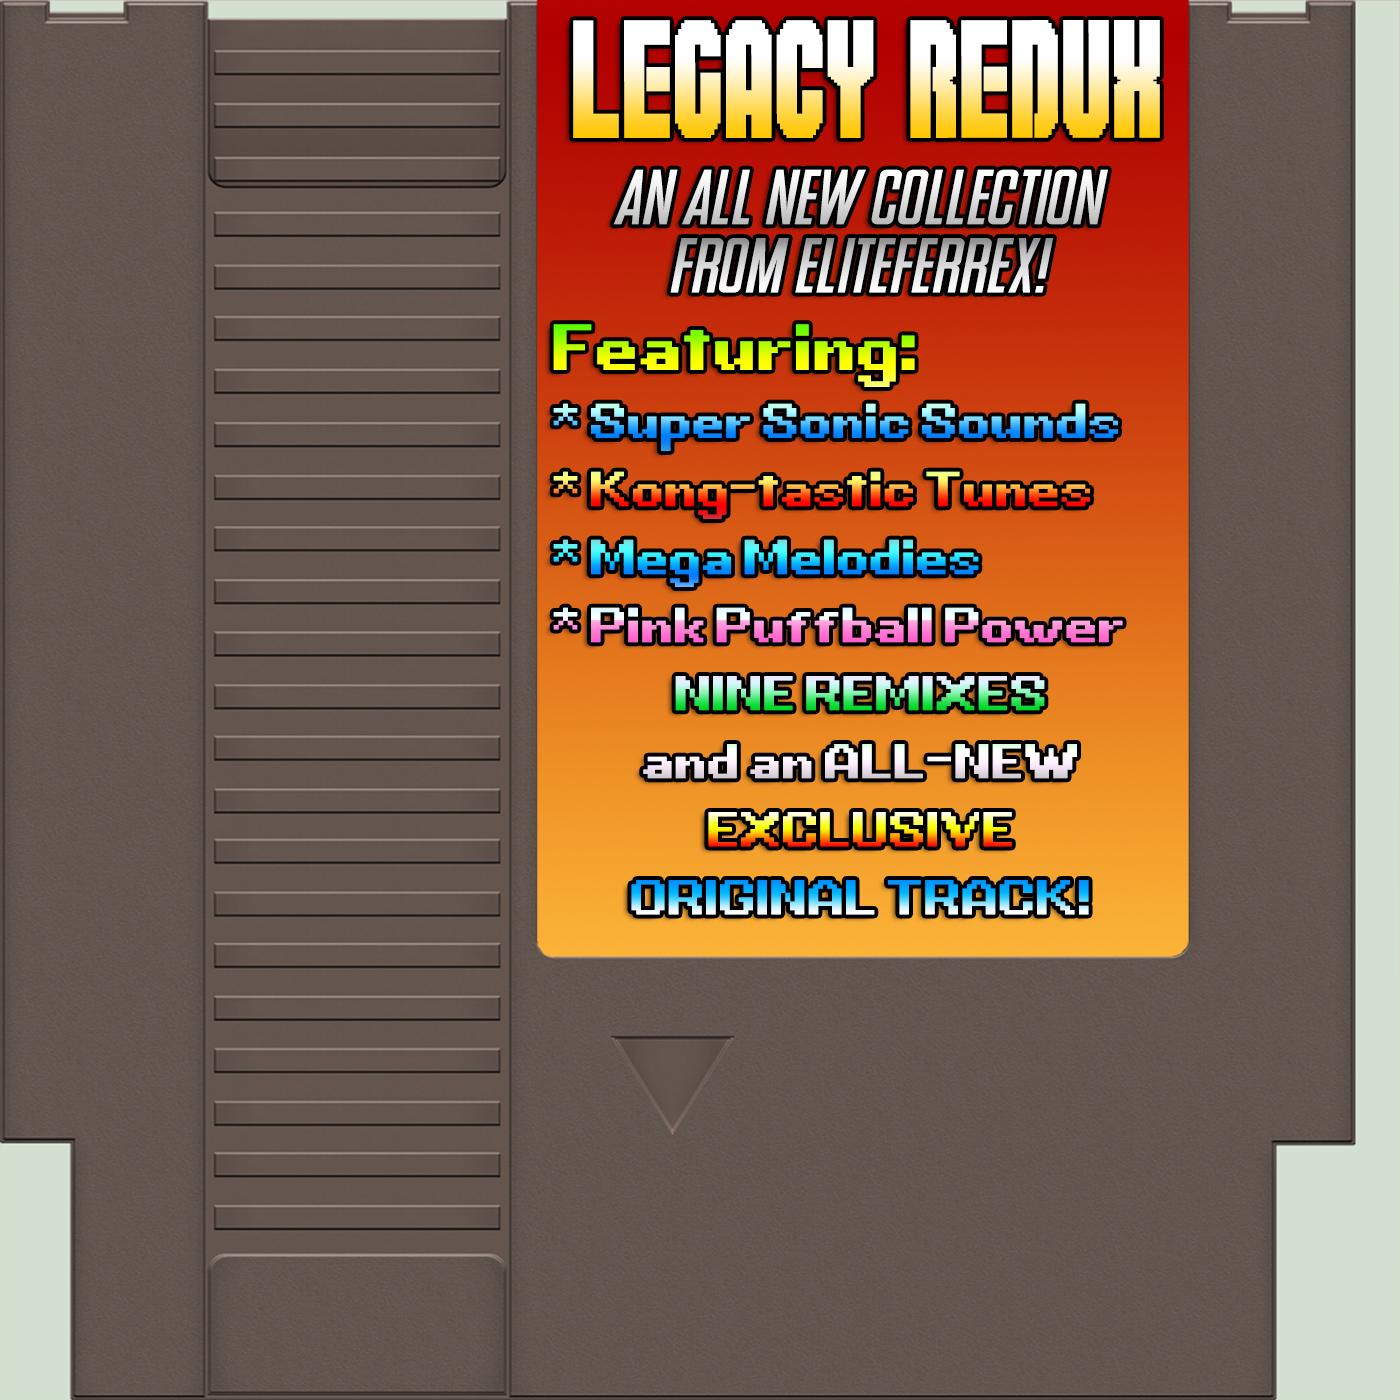 1312619_150389595312_LegacyReduxAlbumArt.png